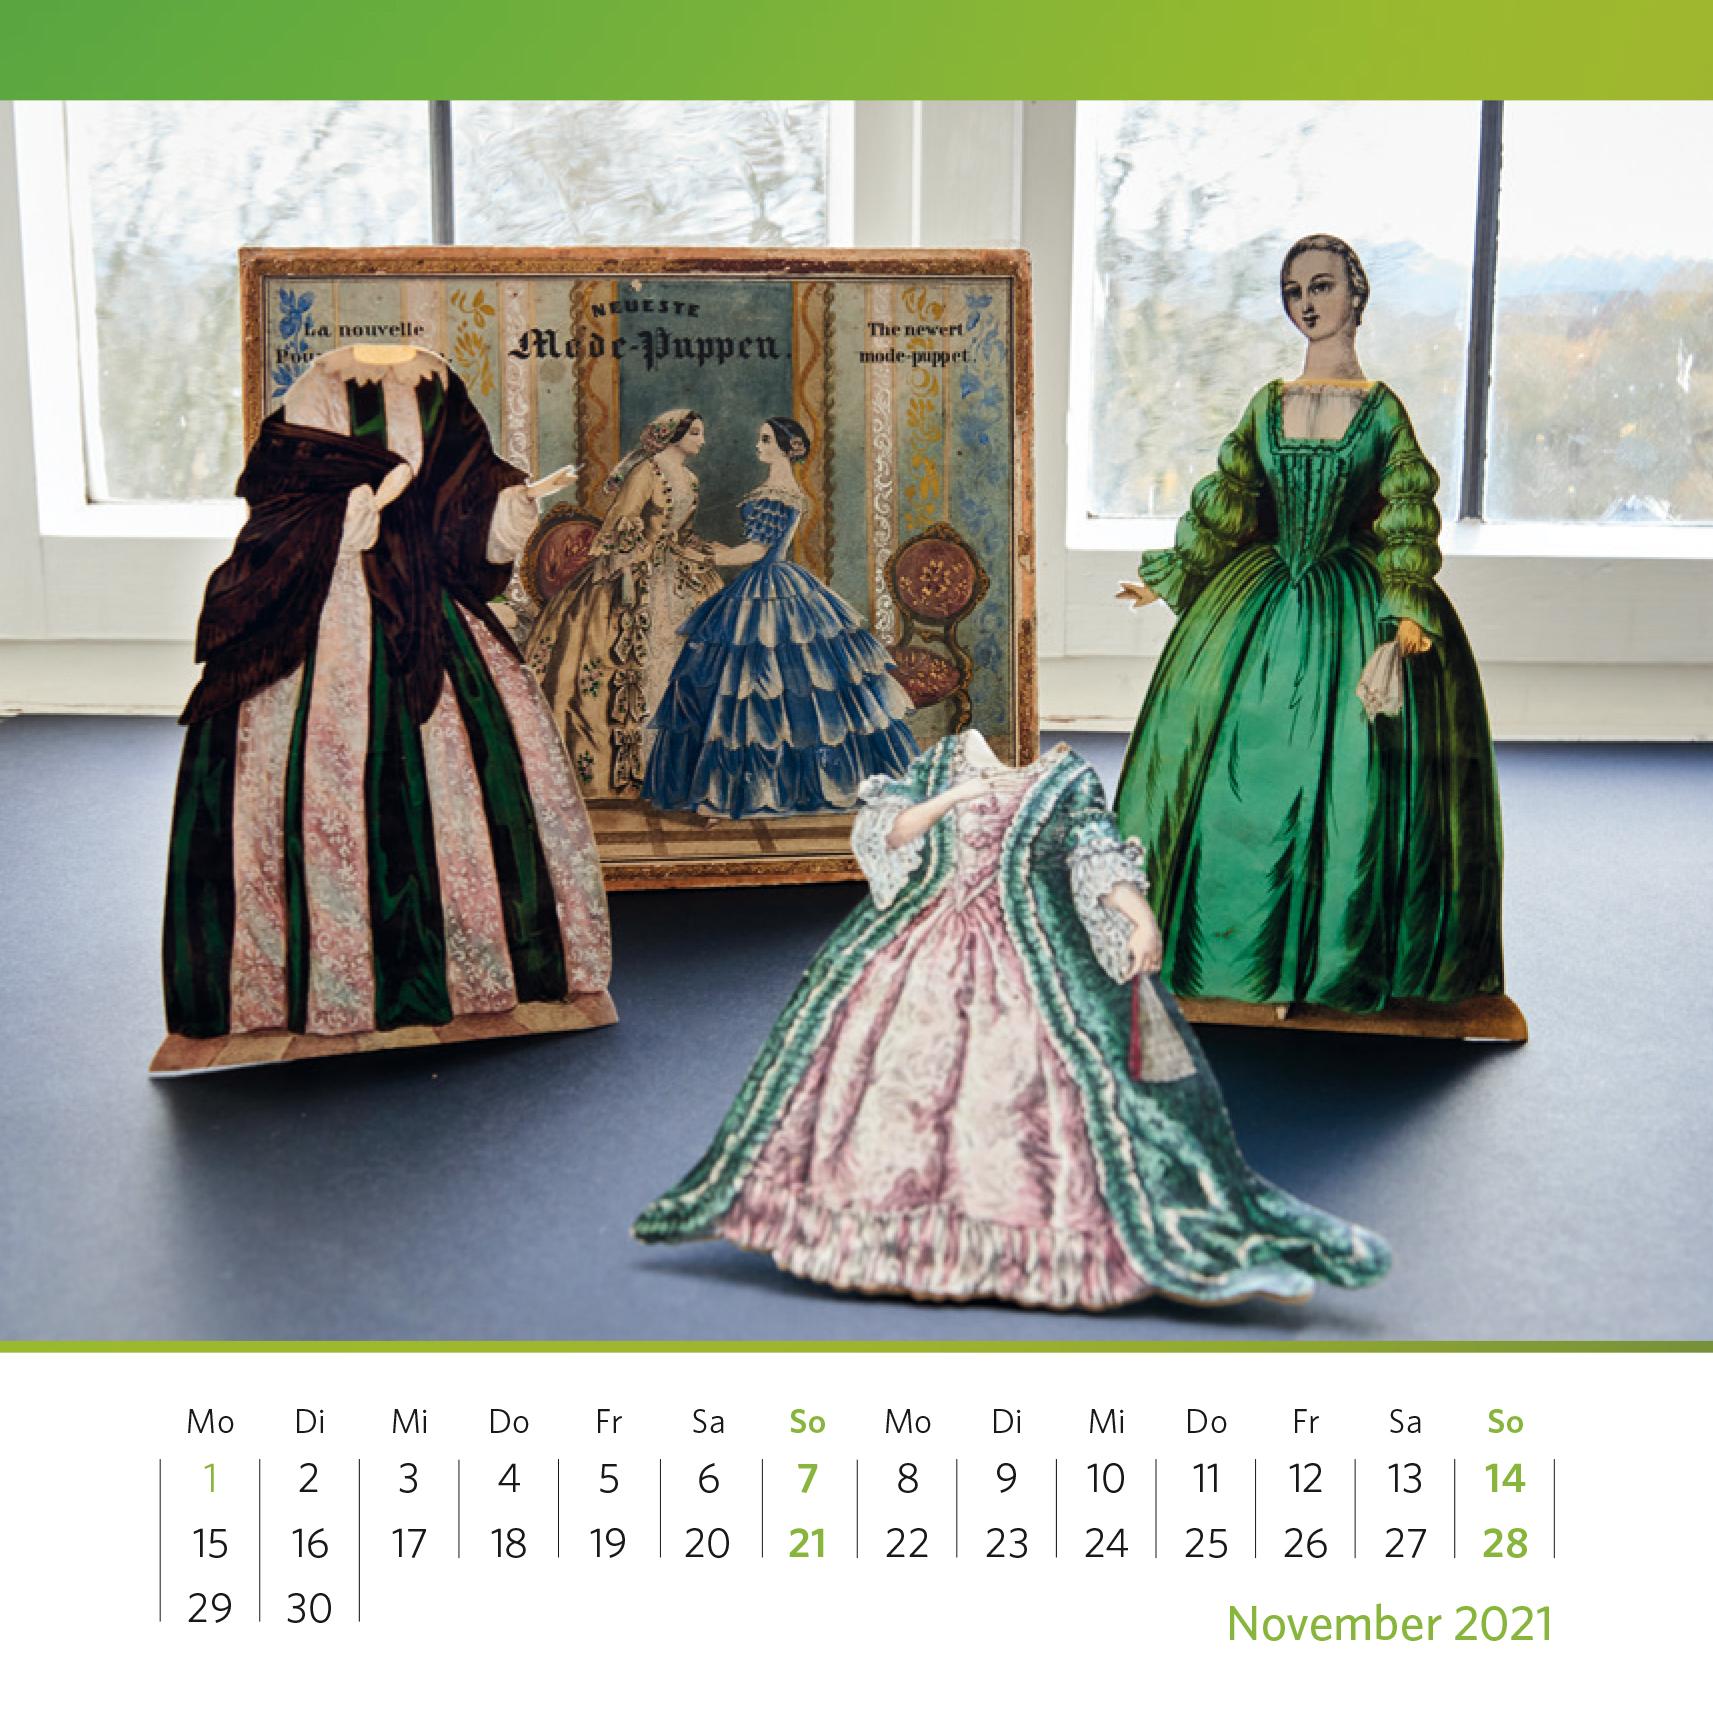 """Fräulein, nehmen Sie grün… """"Neueste Mode-Puppen"""", um 1880. Foto: Oliver Kolken"""